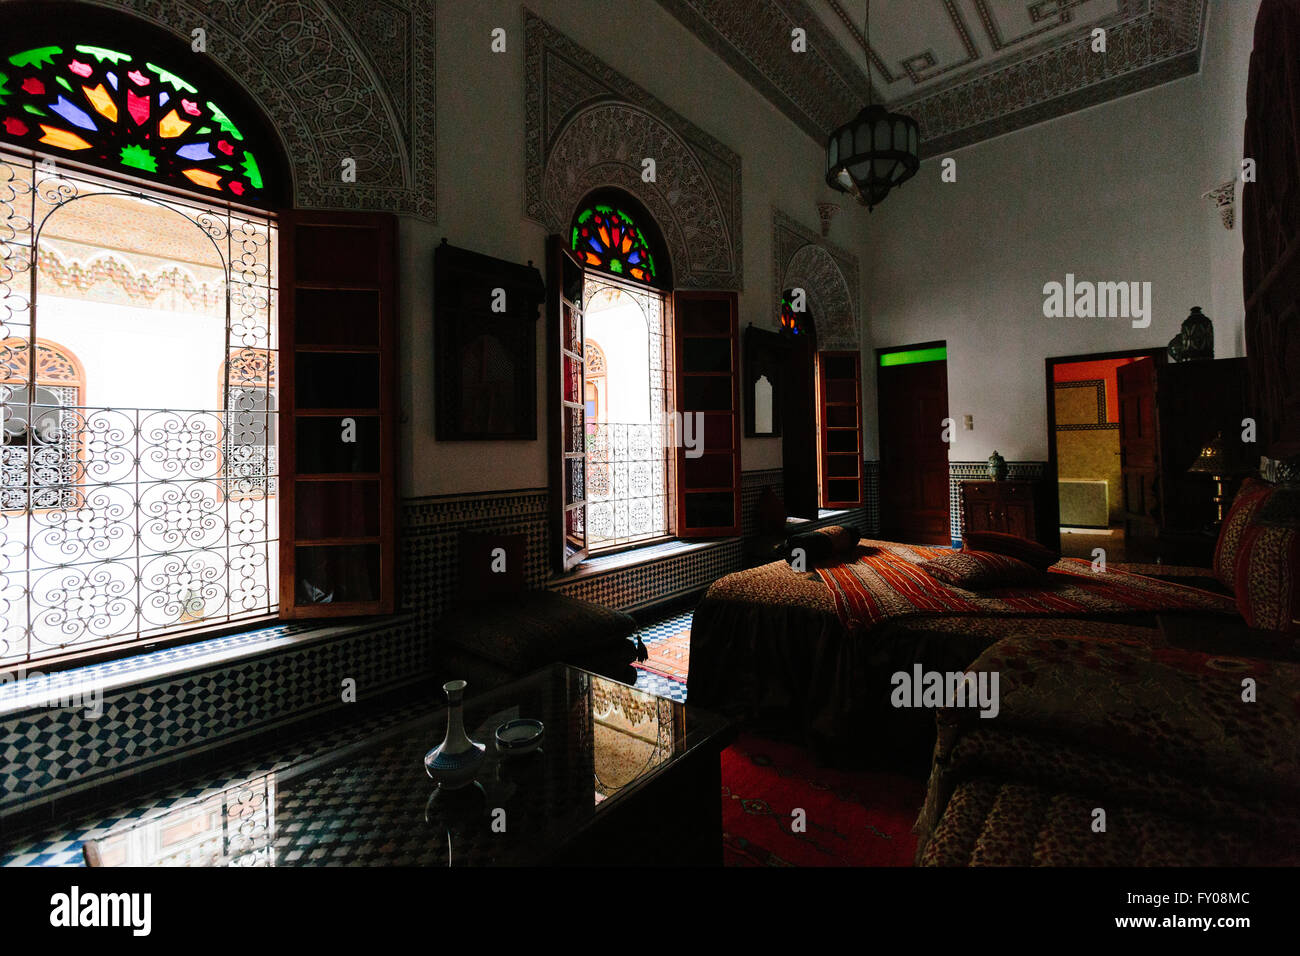 l'intérieur d'une chambre d'un riad traditionnel à fès, maroc